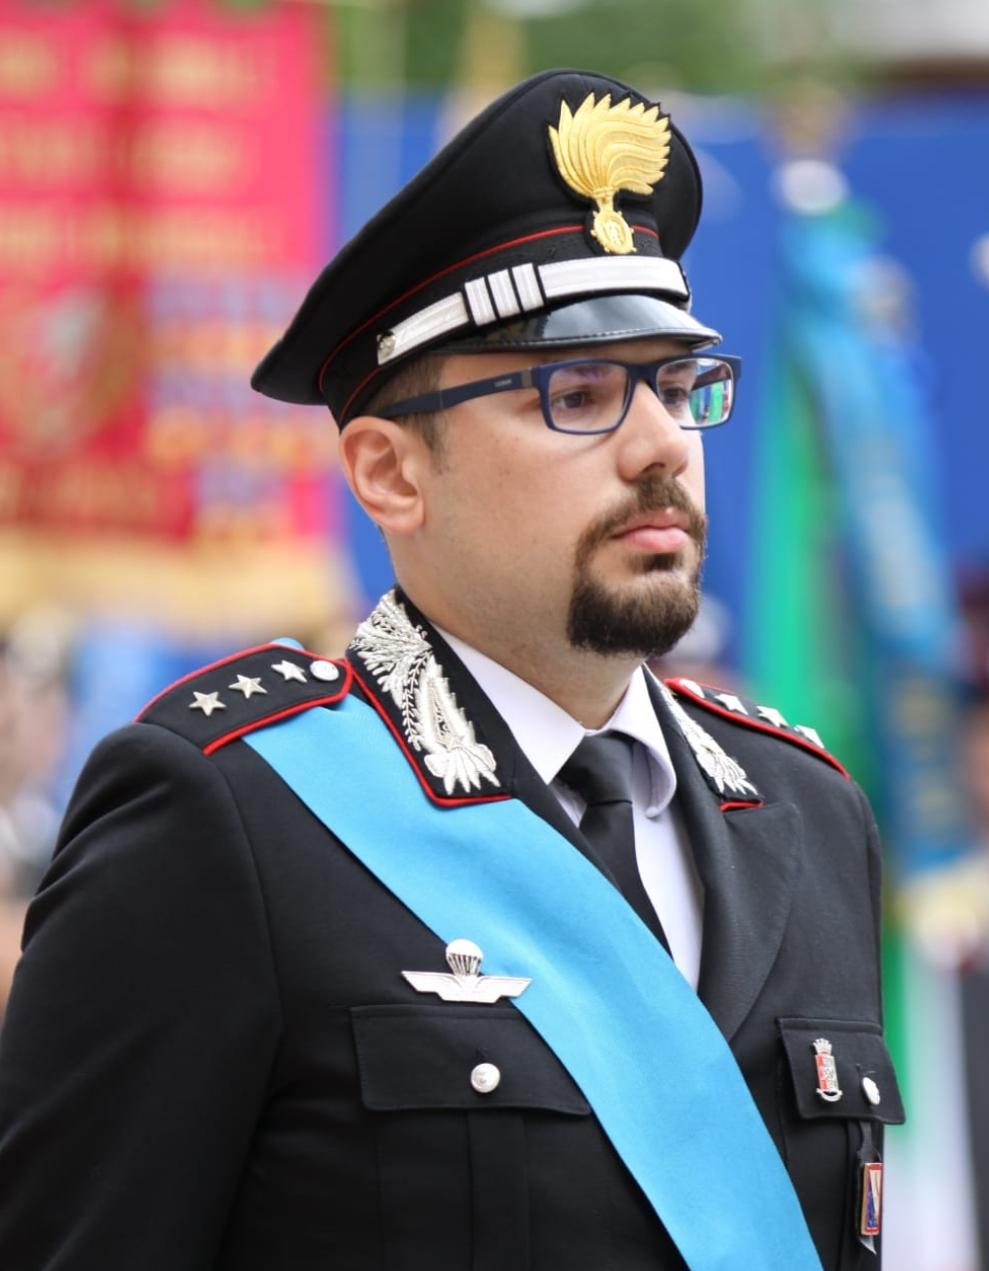 Cap. Pirronti